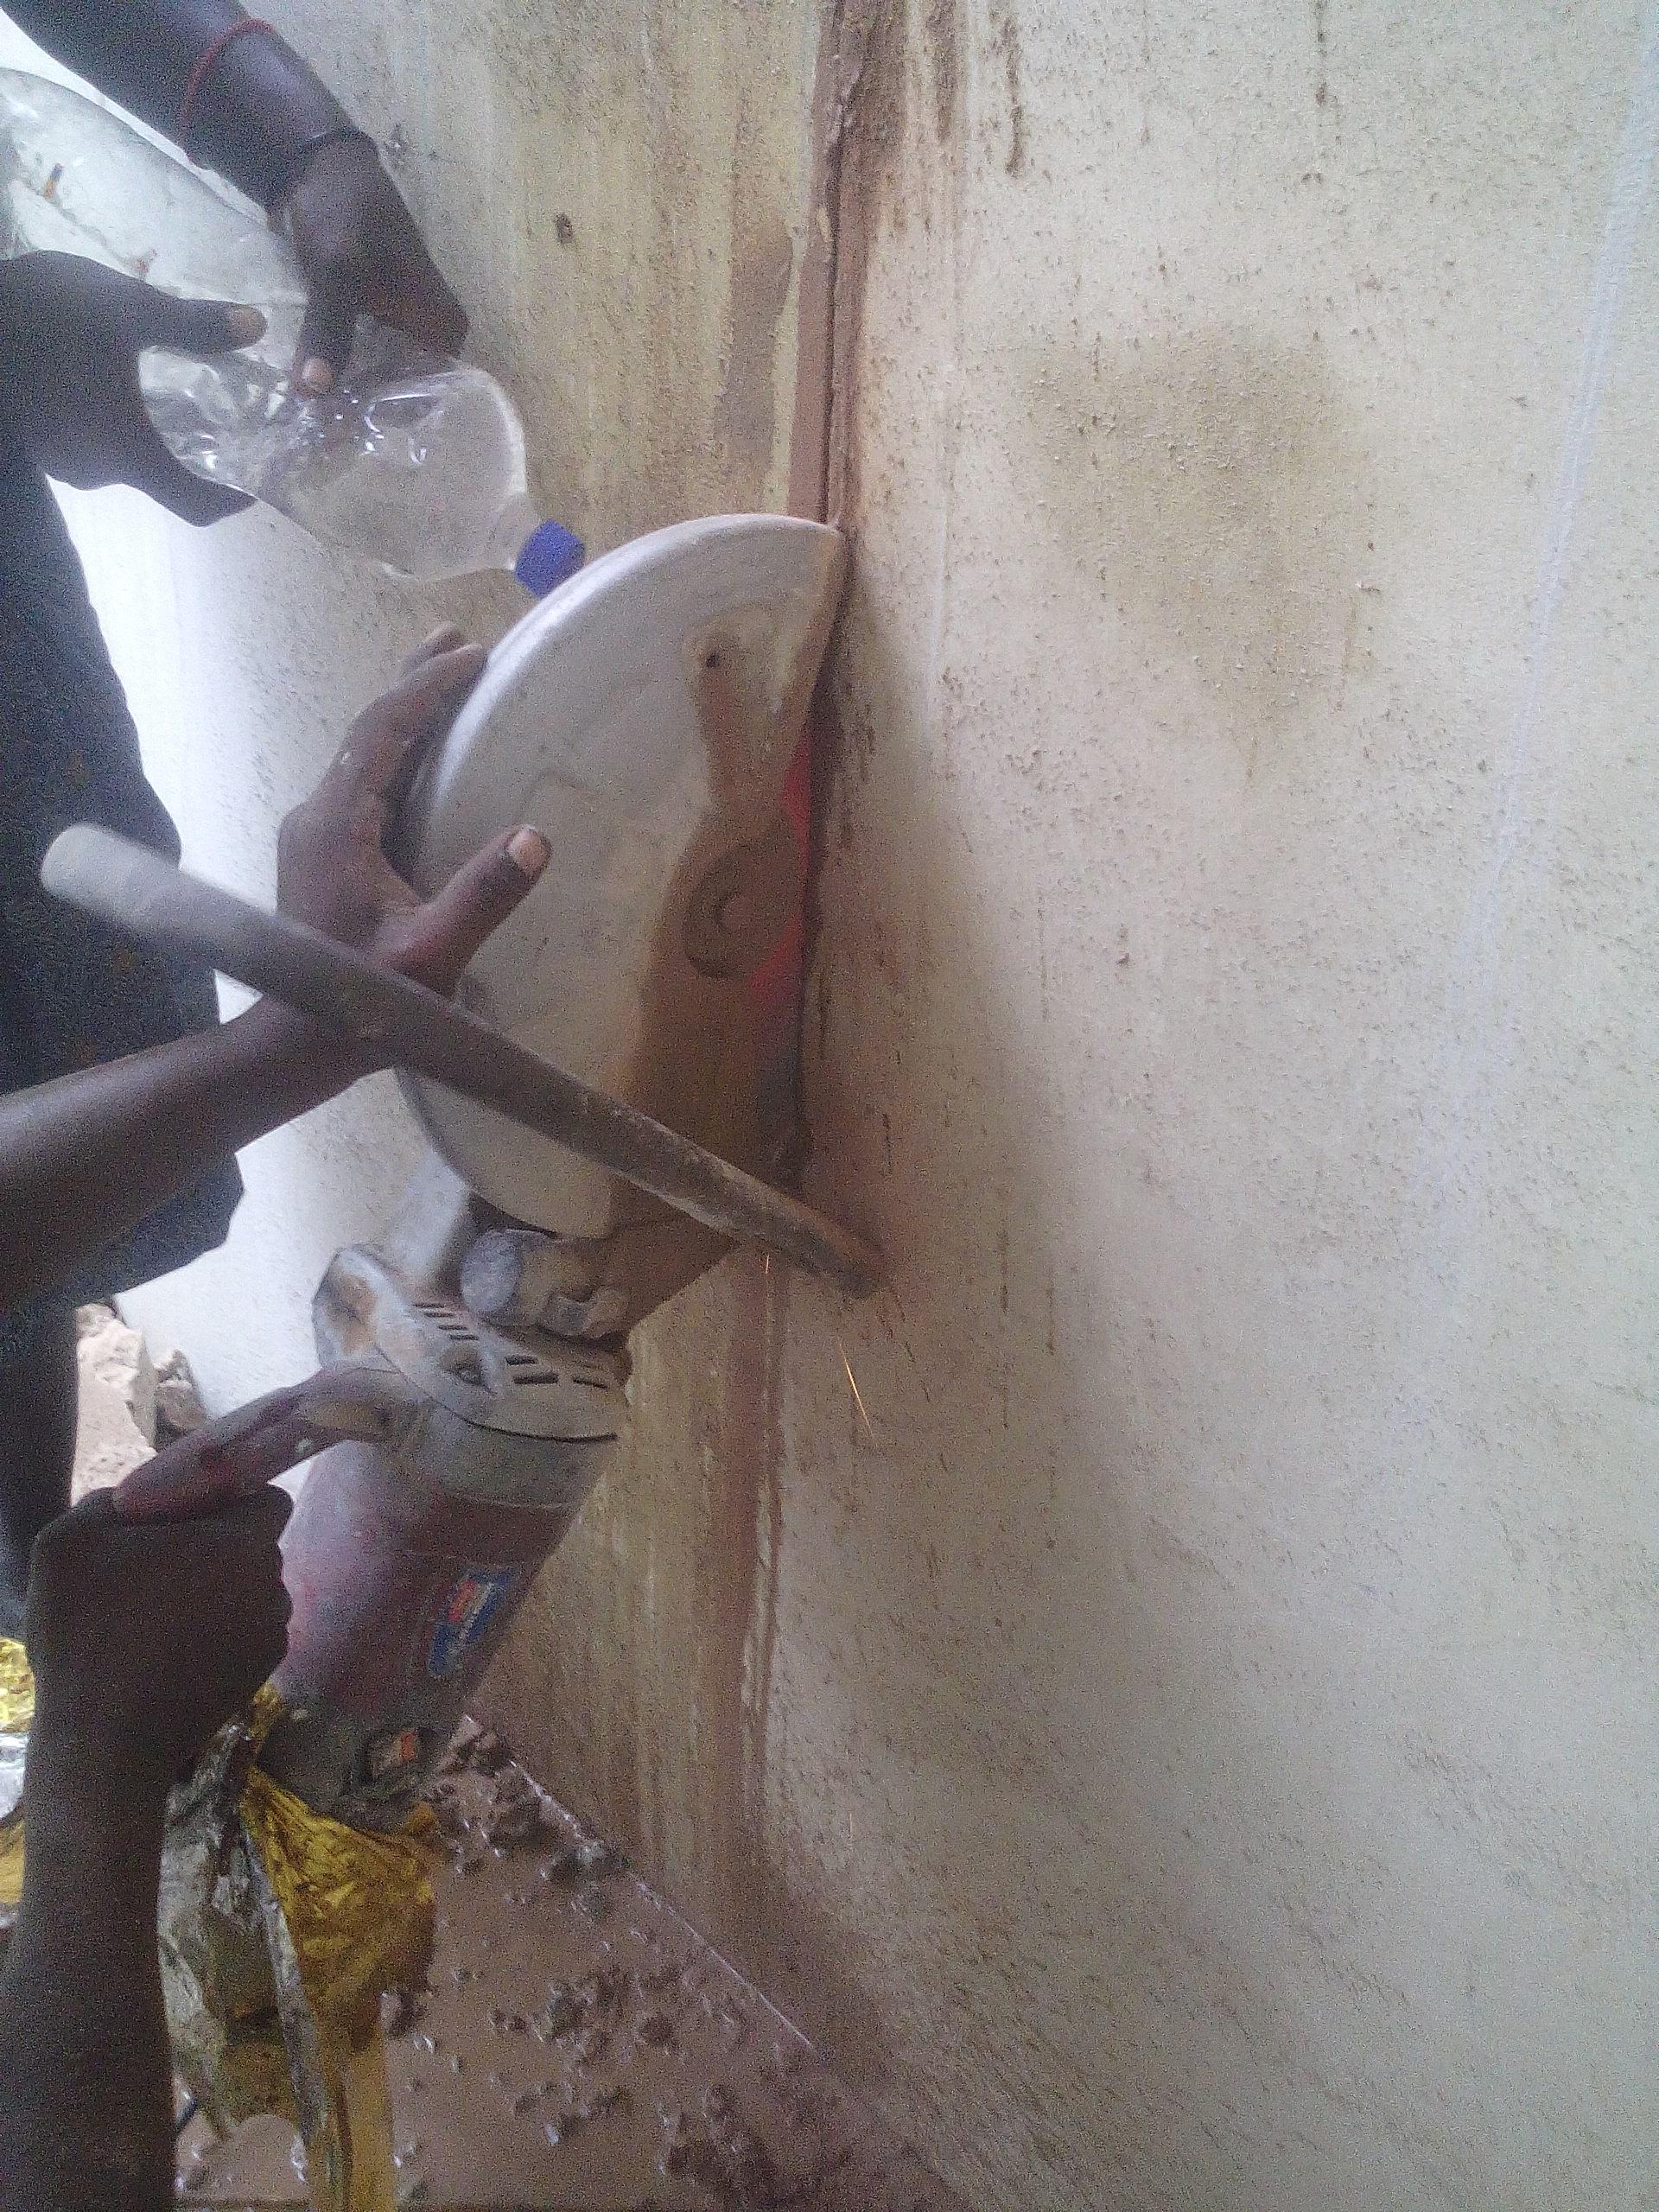 brickwall cutting work by hita....